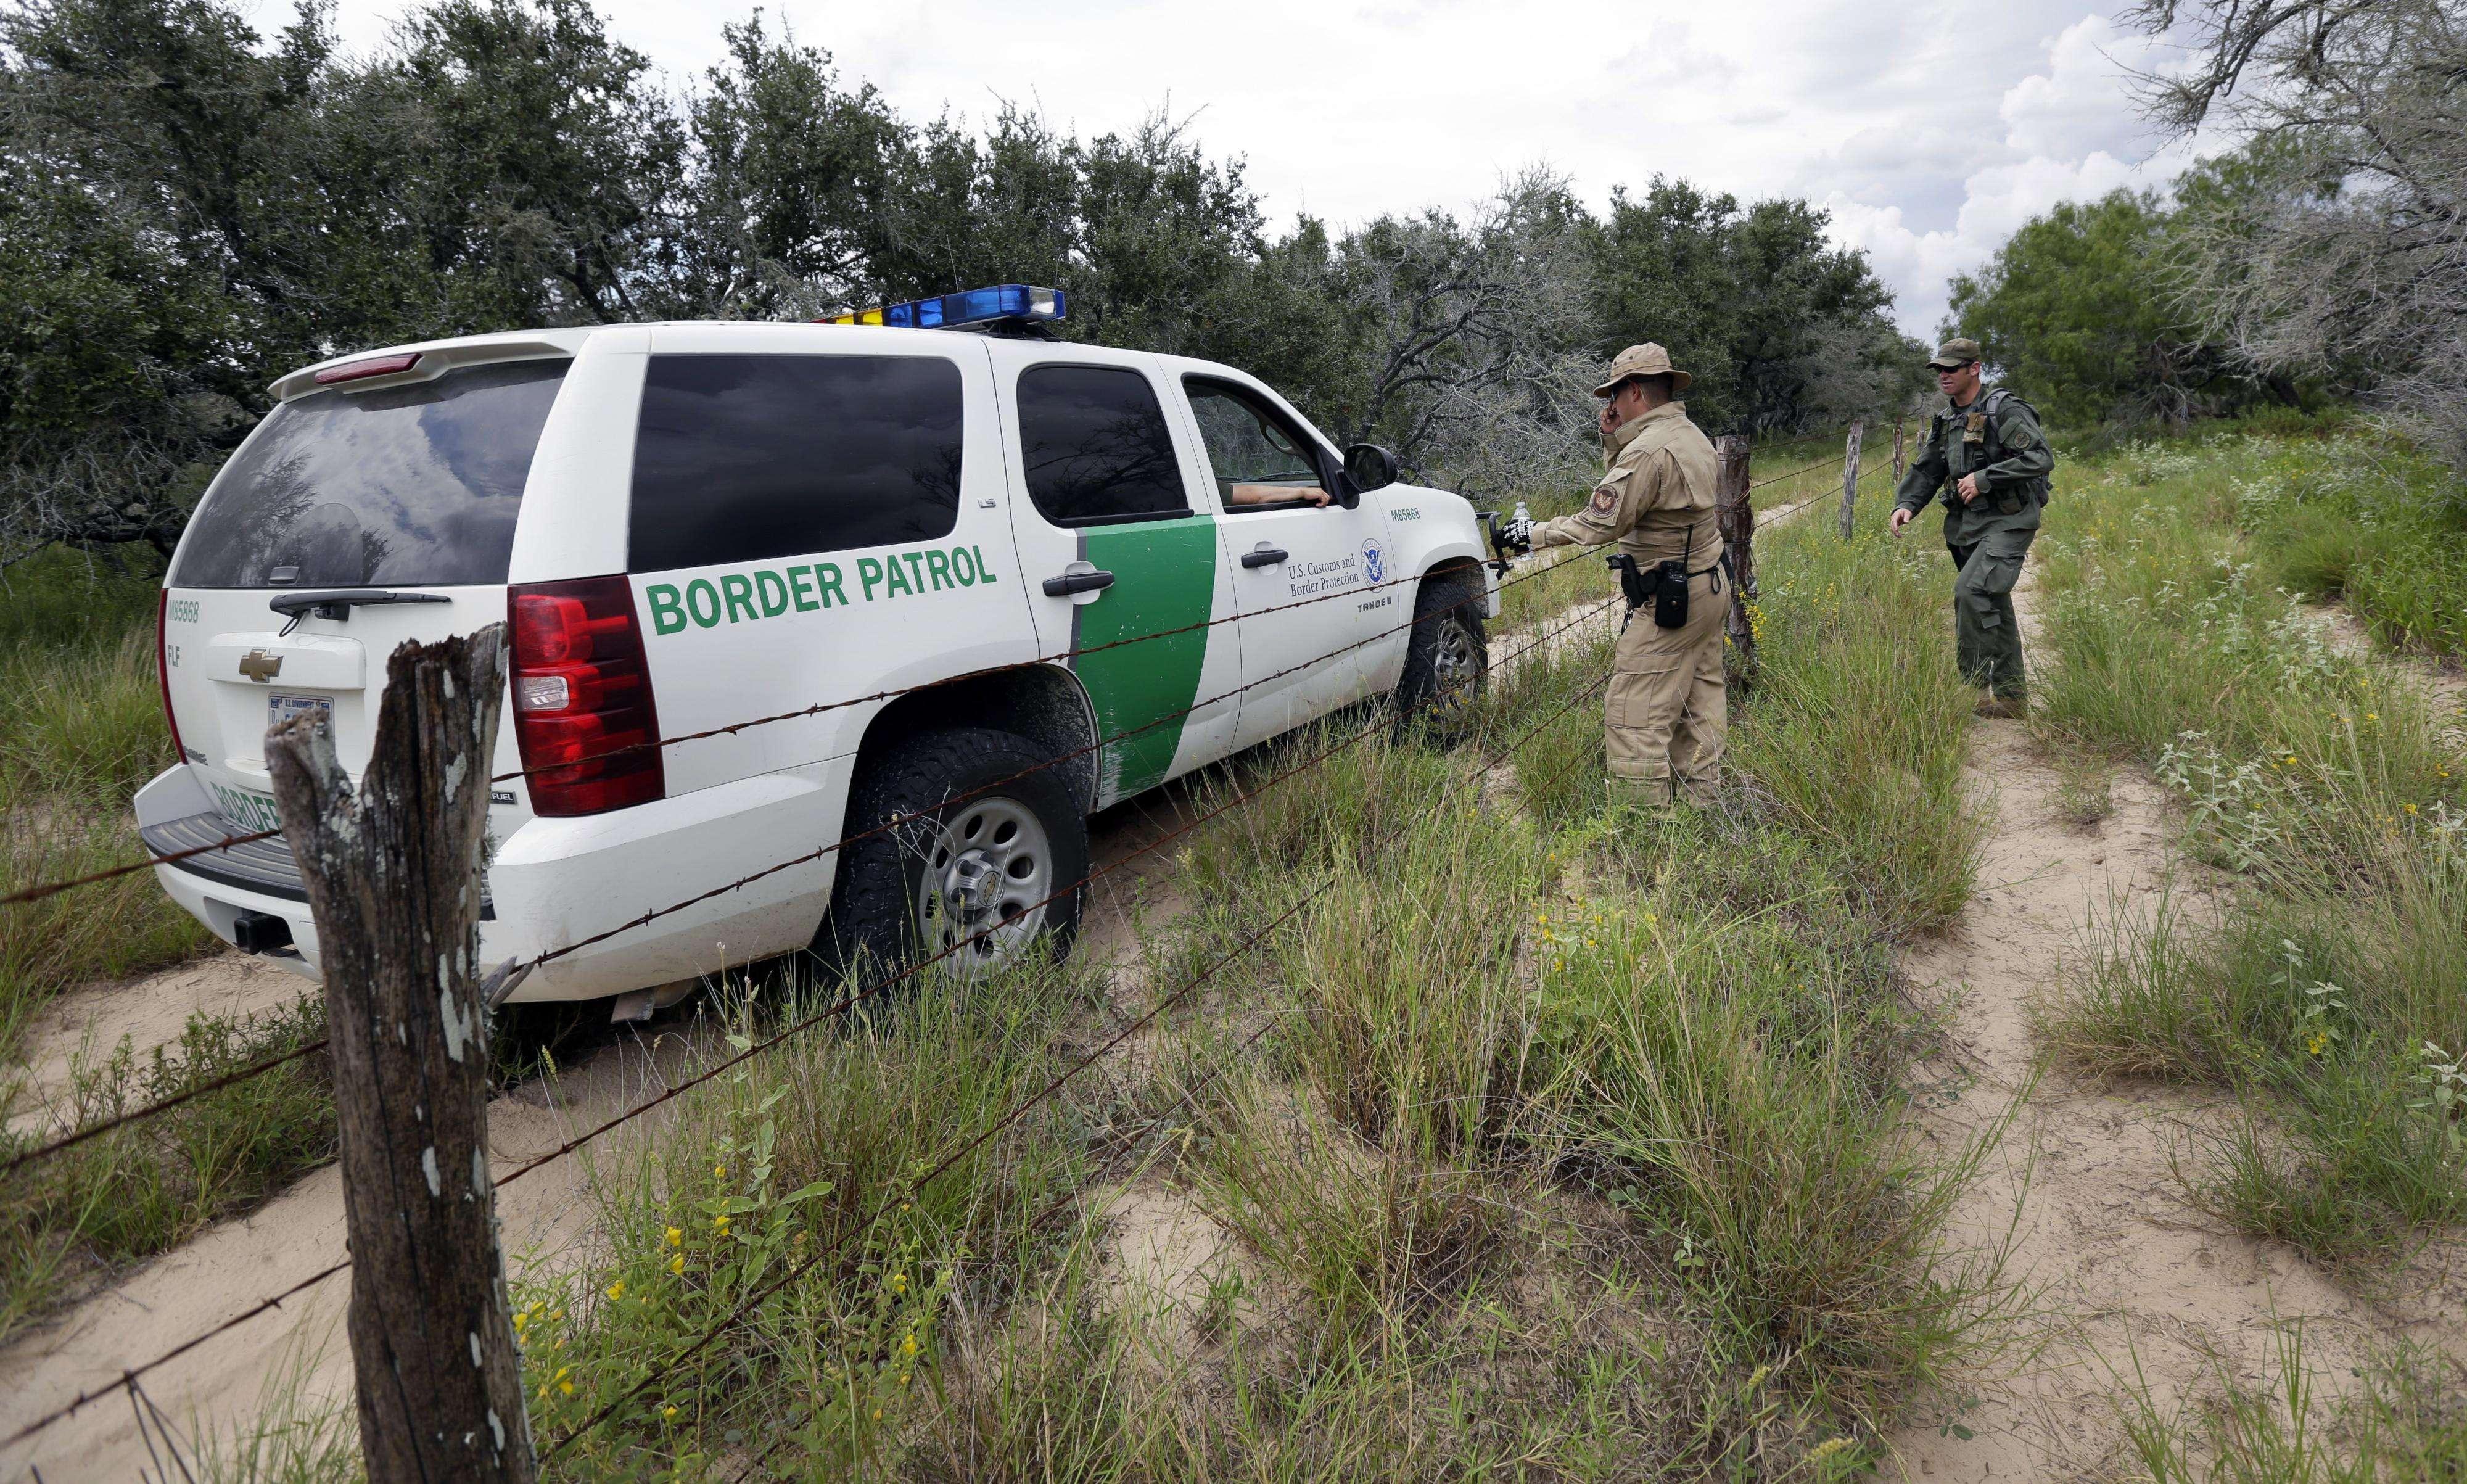 Una patrulla fronteriza realiza un recorrido cerca de McAllen, Texas, en foto de archivo del 5 de septiembre de 2014. Foto: AP en español